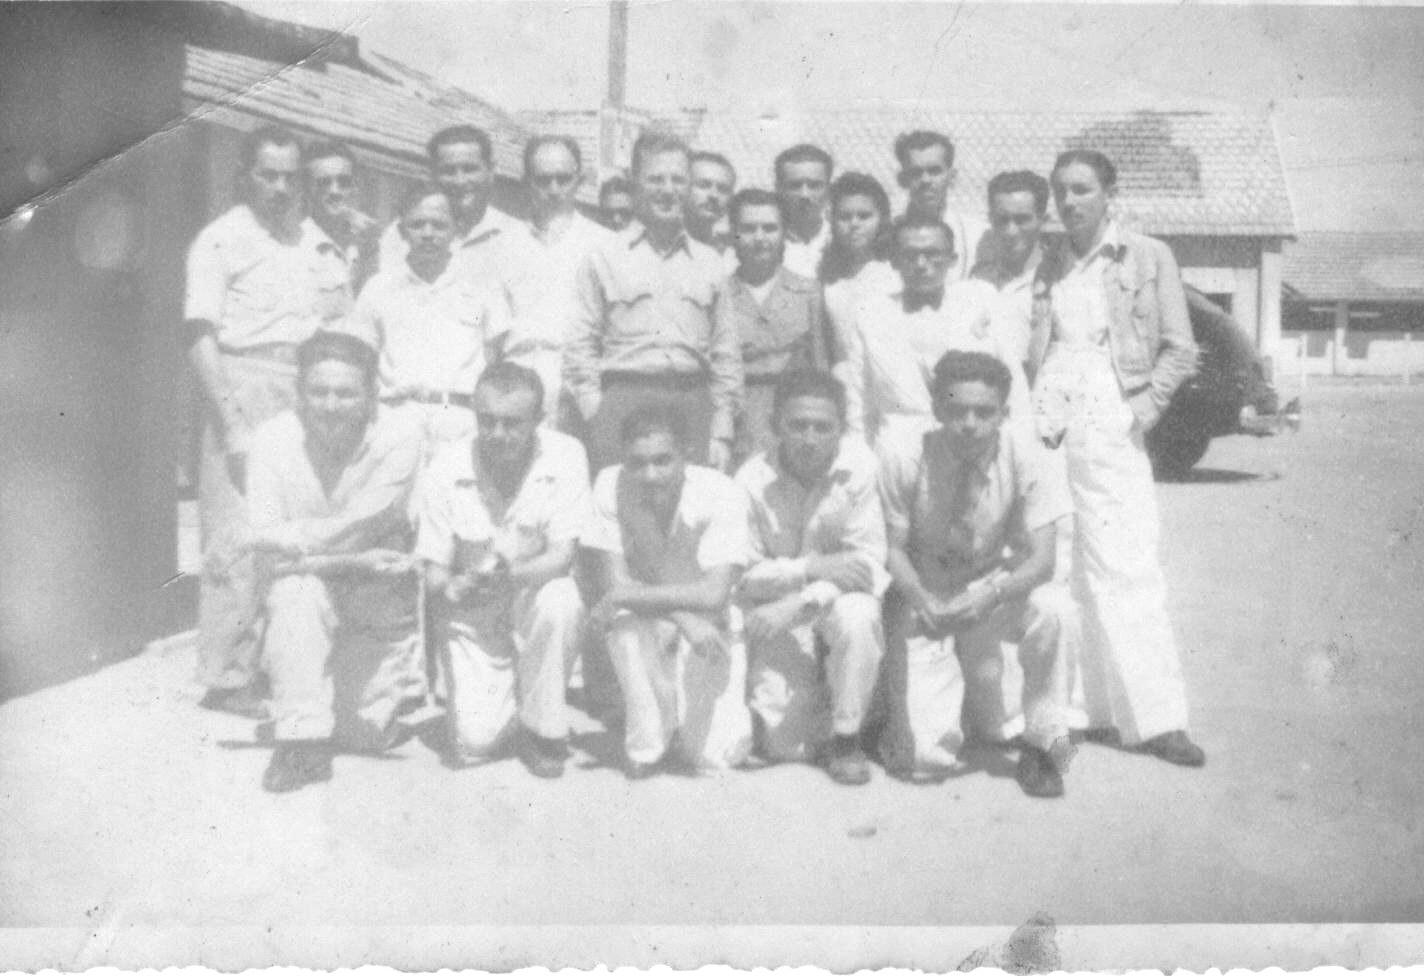 Parnamirim Field em 1944, Othoniel é o primeiro, em pé, à esquerda. Trabalhava no Posto de Engenharia.